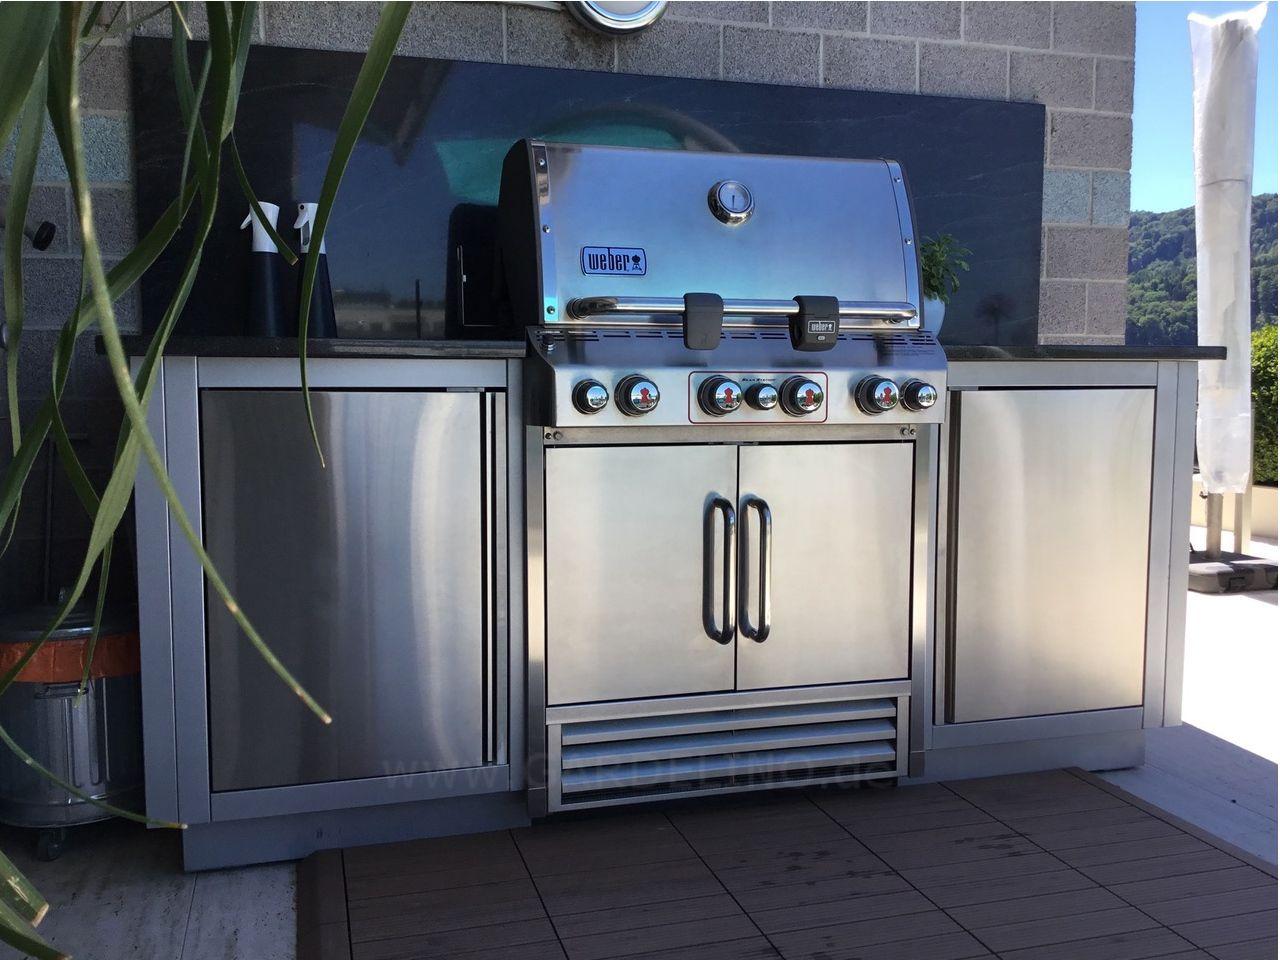 Beefeater Einbautür Für Außenküchen : Außenküchensystem oasis von napoelon mit einbaugrill outdoor